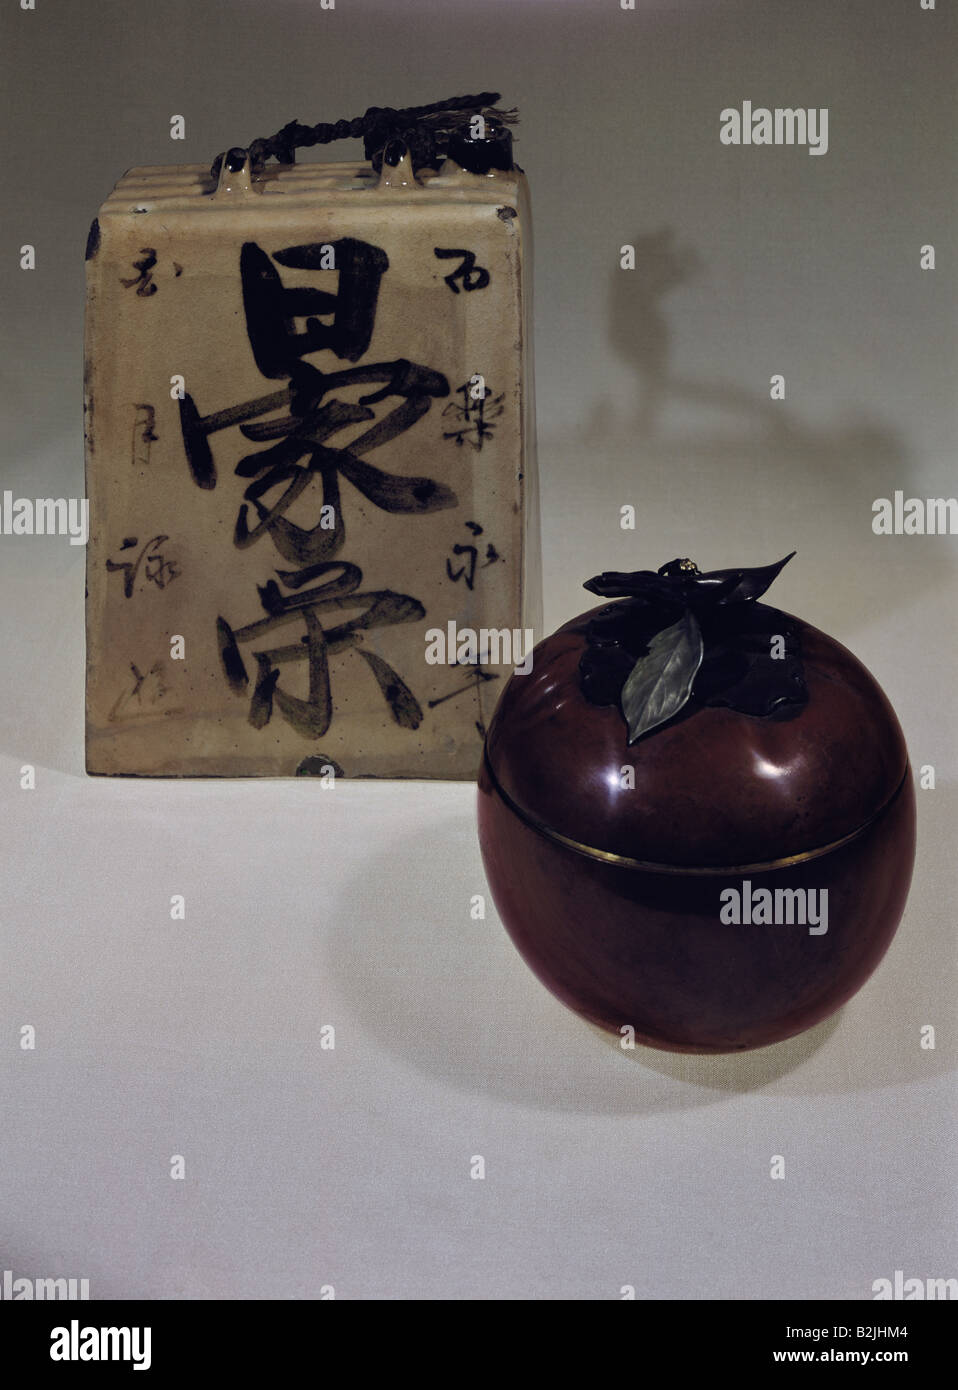 Bellas artes, Japón, buques, alfarería, izquierda: botella de vino de arroz, vidriado, tardío periodo Imagen De Stock